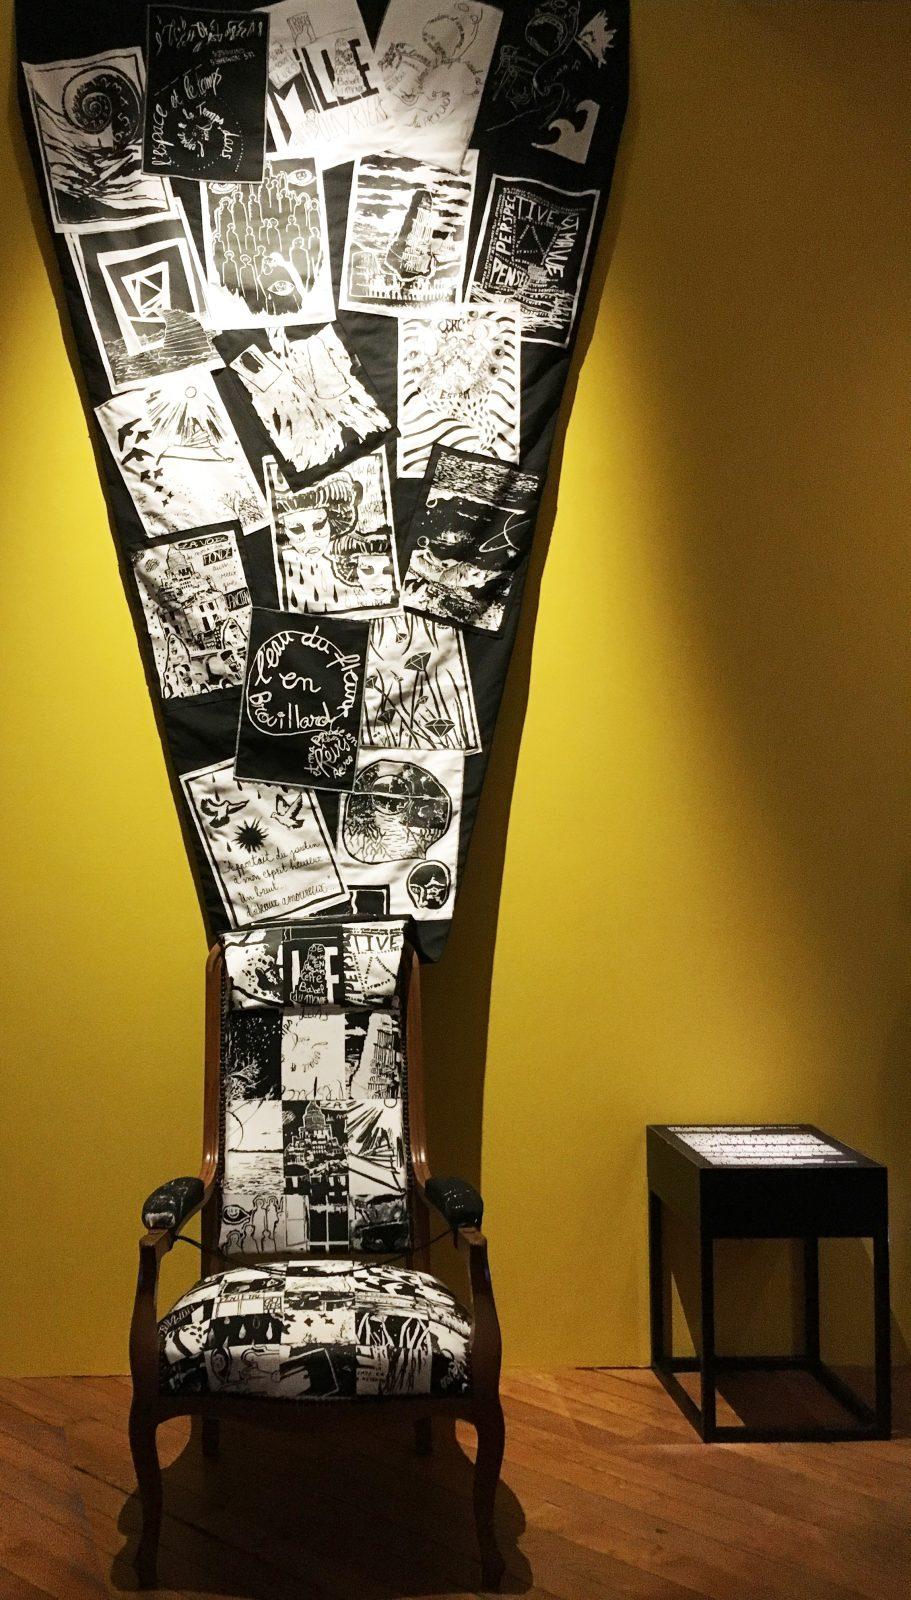 exposition-la-pente-de-la-reverie-maison-de-victor-hugo-paris-fauteuil-voltaire-terminale-tapisserie-d-ameublement-lycee-la-source-nogent-sur-marne